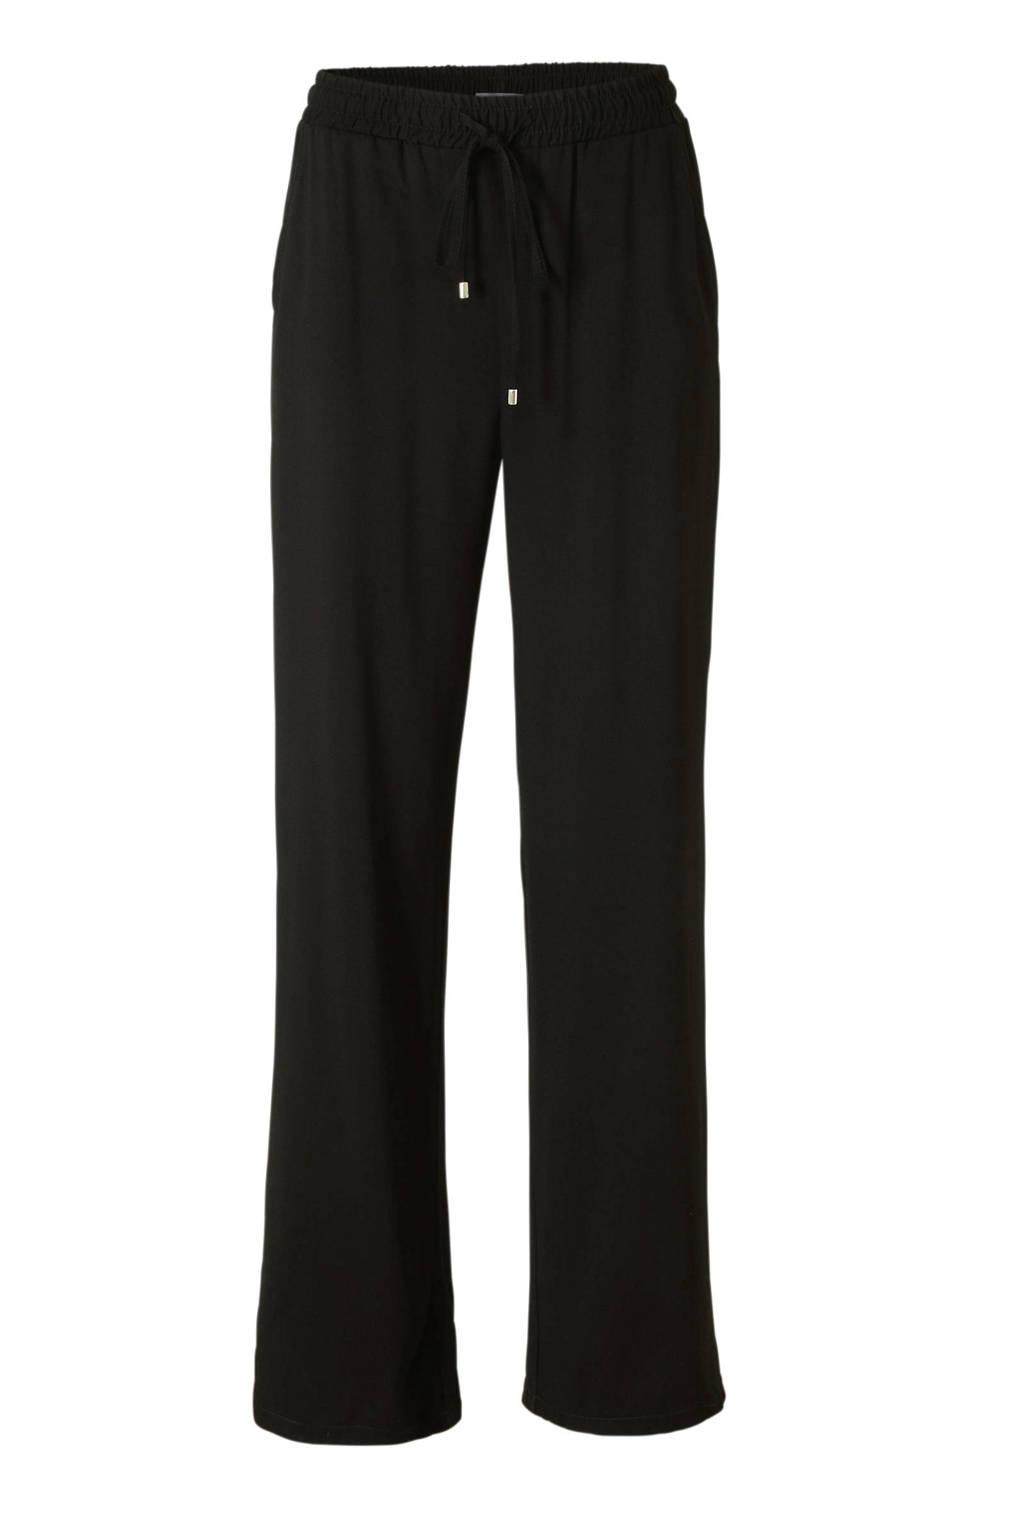 C&A Yessica loose fit broek zwart, Zwart